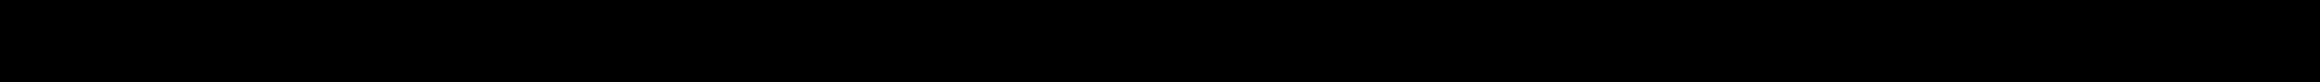 RIDEX PC649, 71736125, 71754226, 7782629, 1137605 Luftfilter